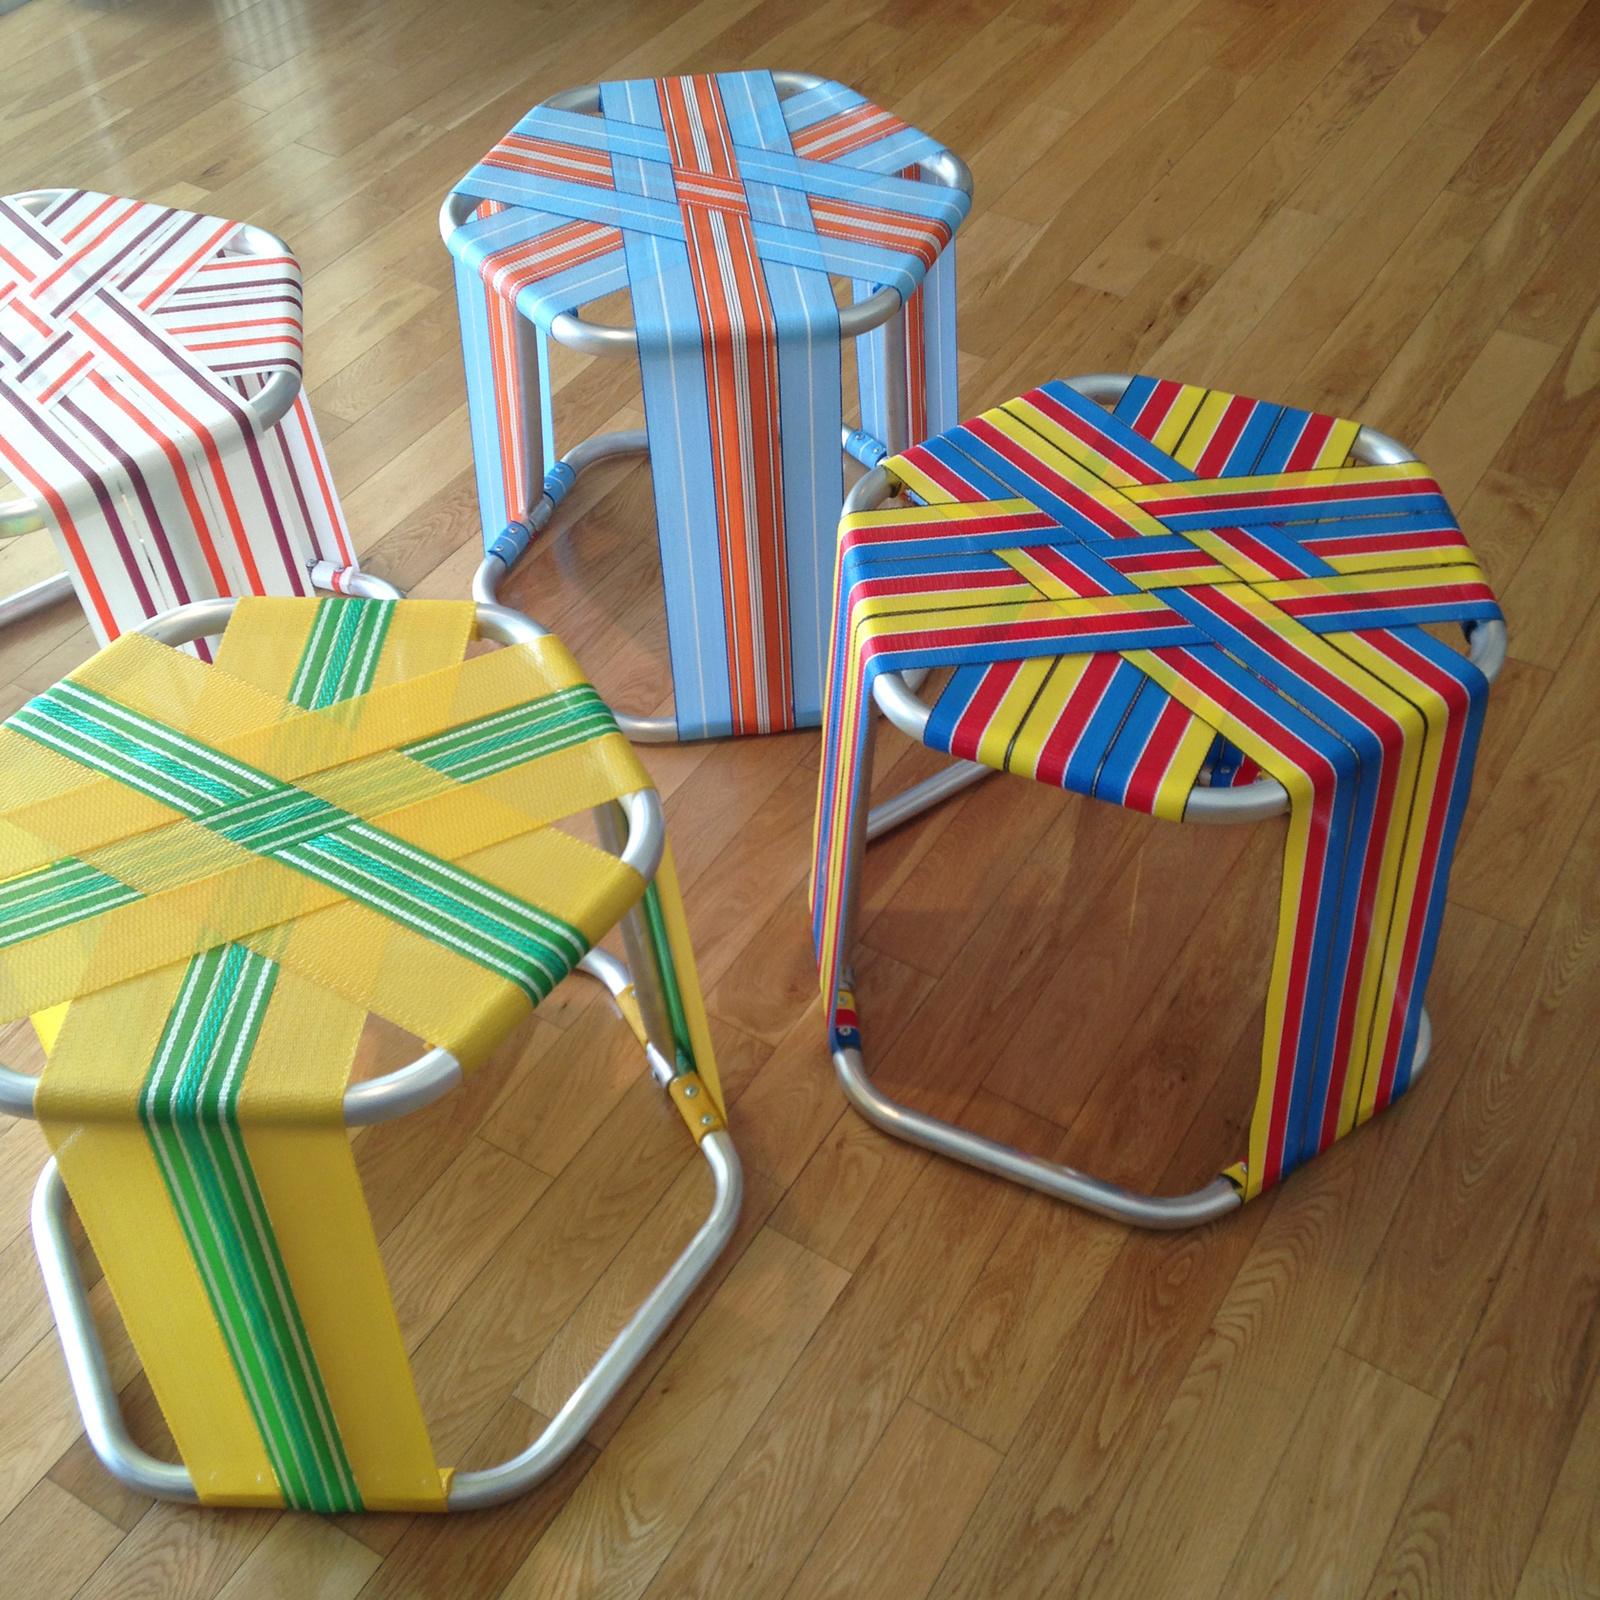 webstr-stool-by-amlgmatd